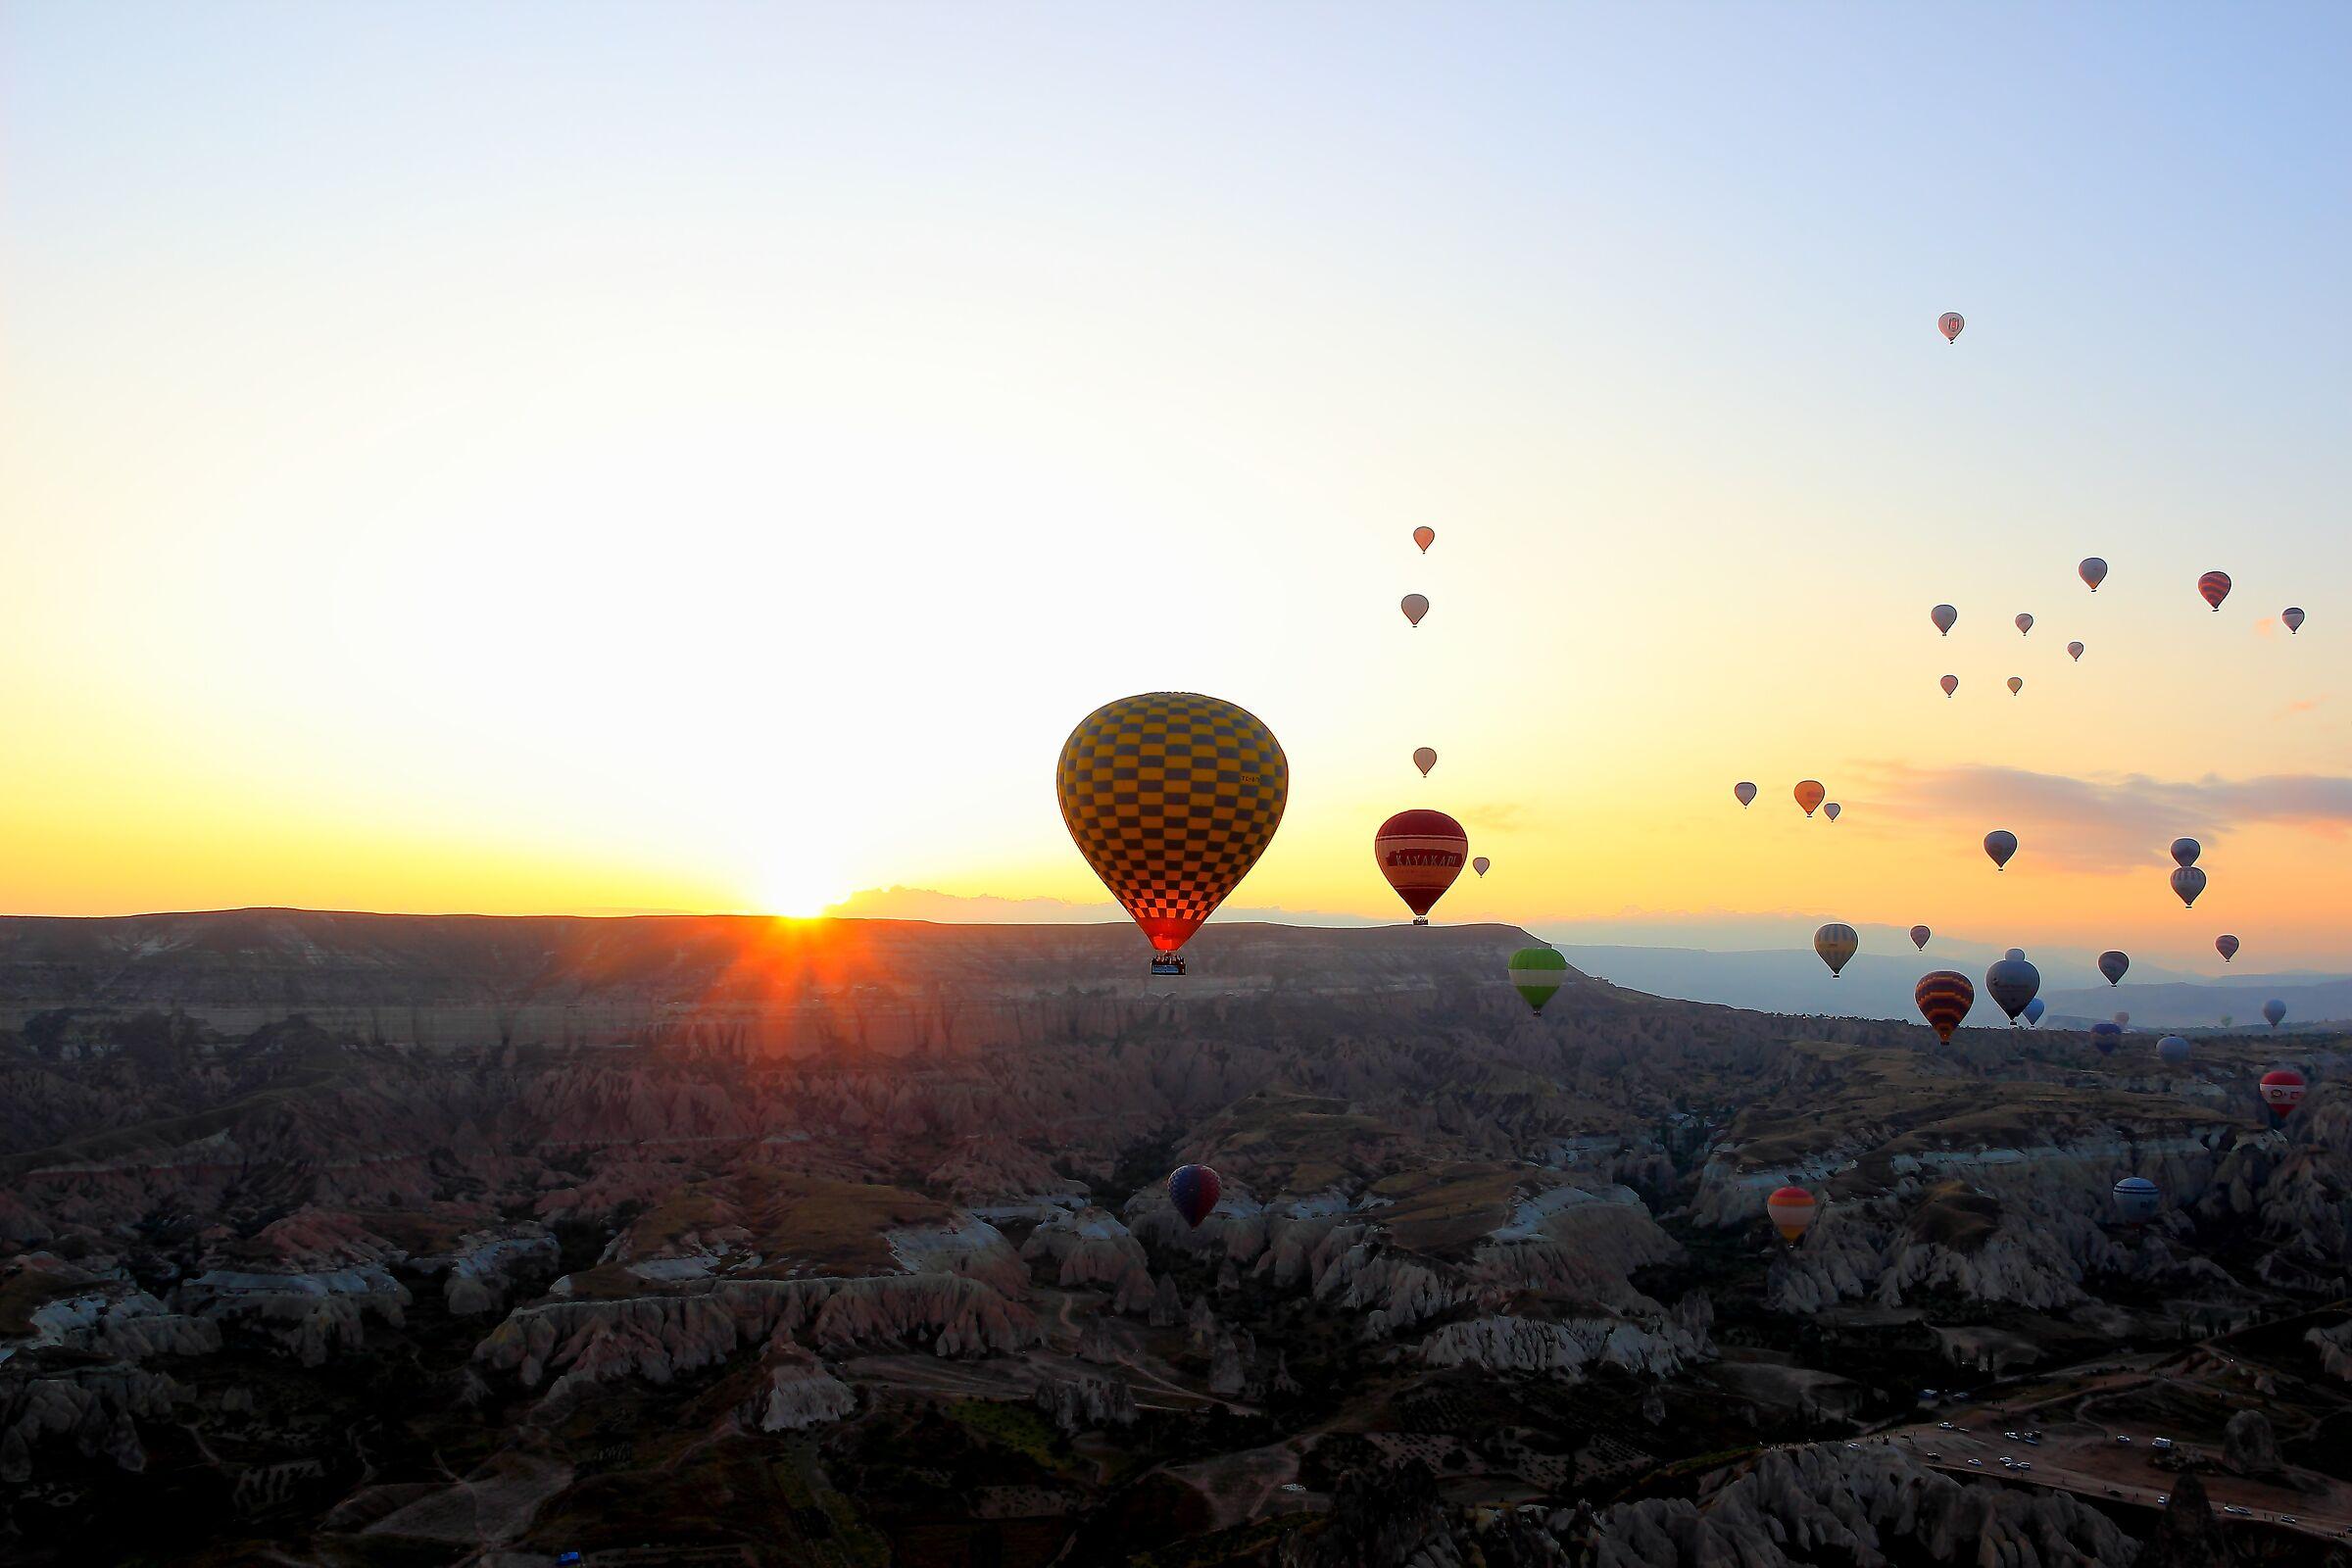 L'alba nei cieli della Cappadocia...